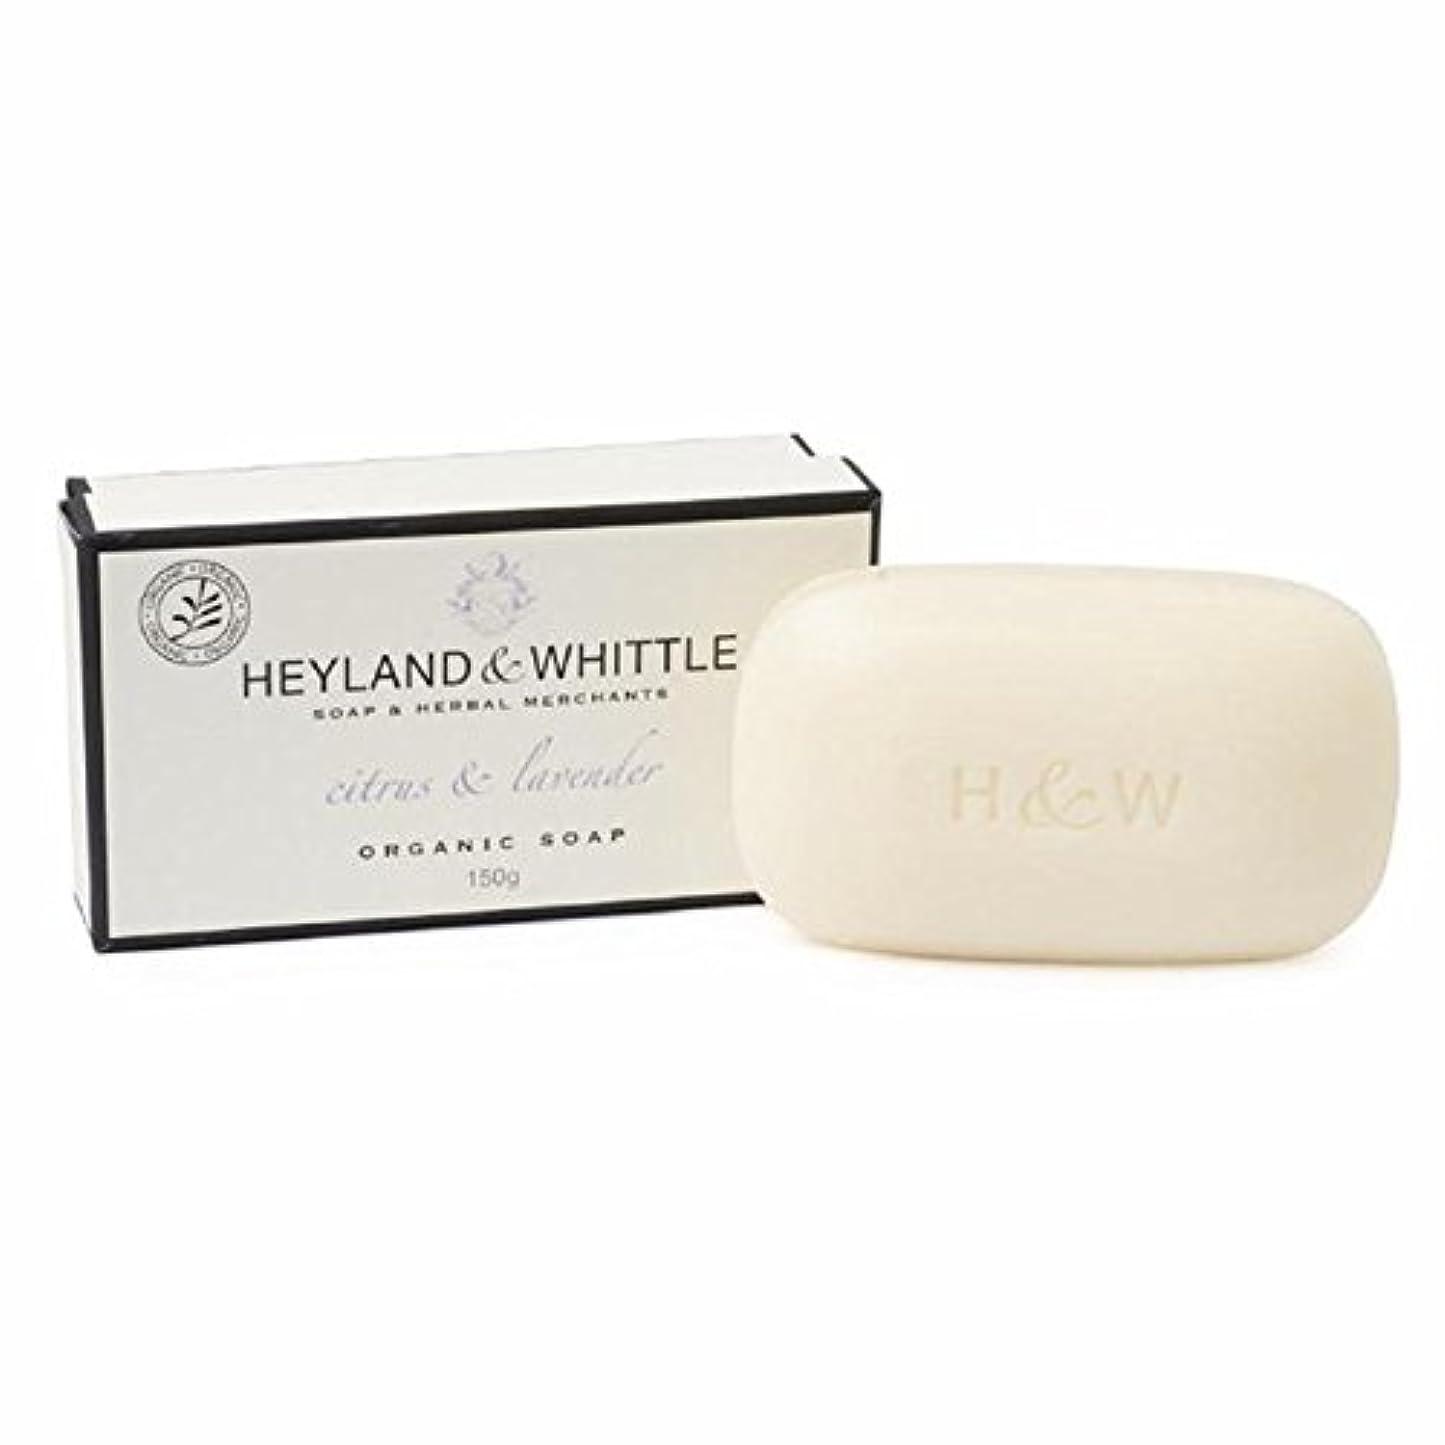 メジャー大破資料Heyland & Whittle Citrus & Lavender Boxed Organic Soap 150g - &削るシトラス&ラベンダーは、有機石鹸150グラム箱入り [並行輸入品]